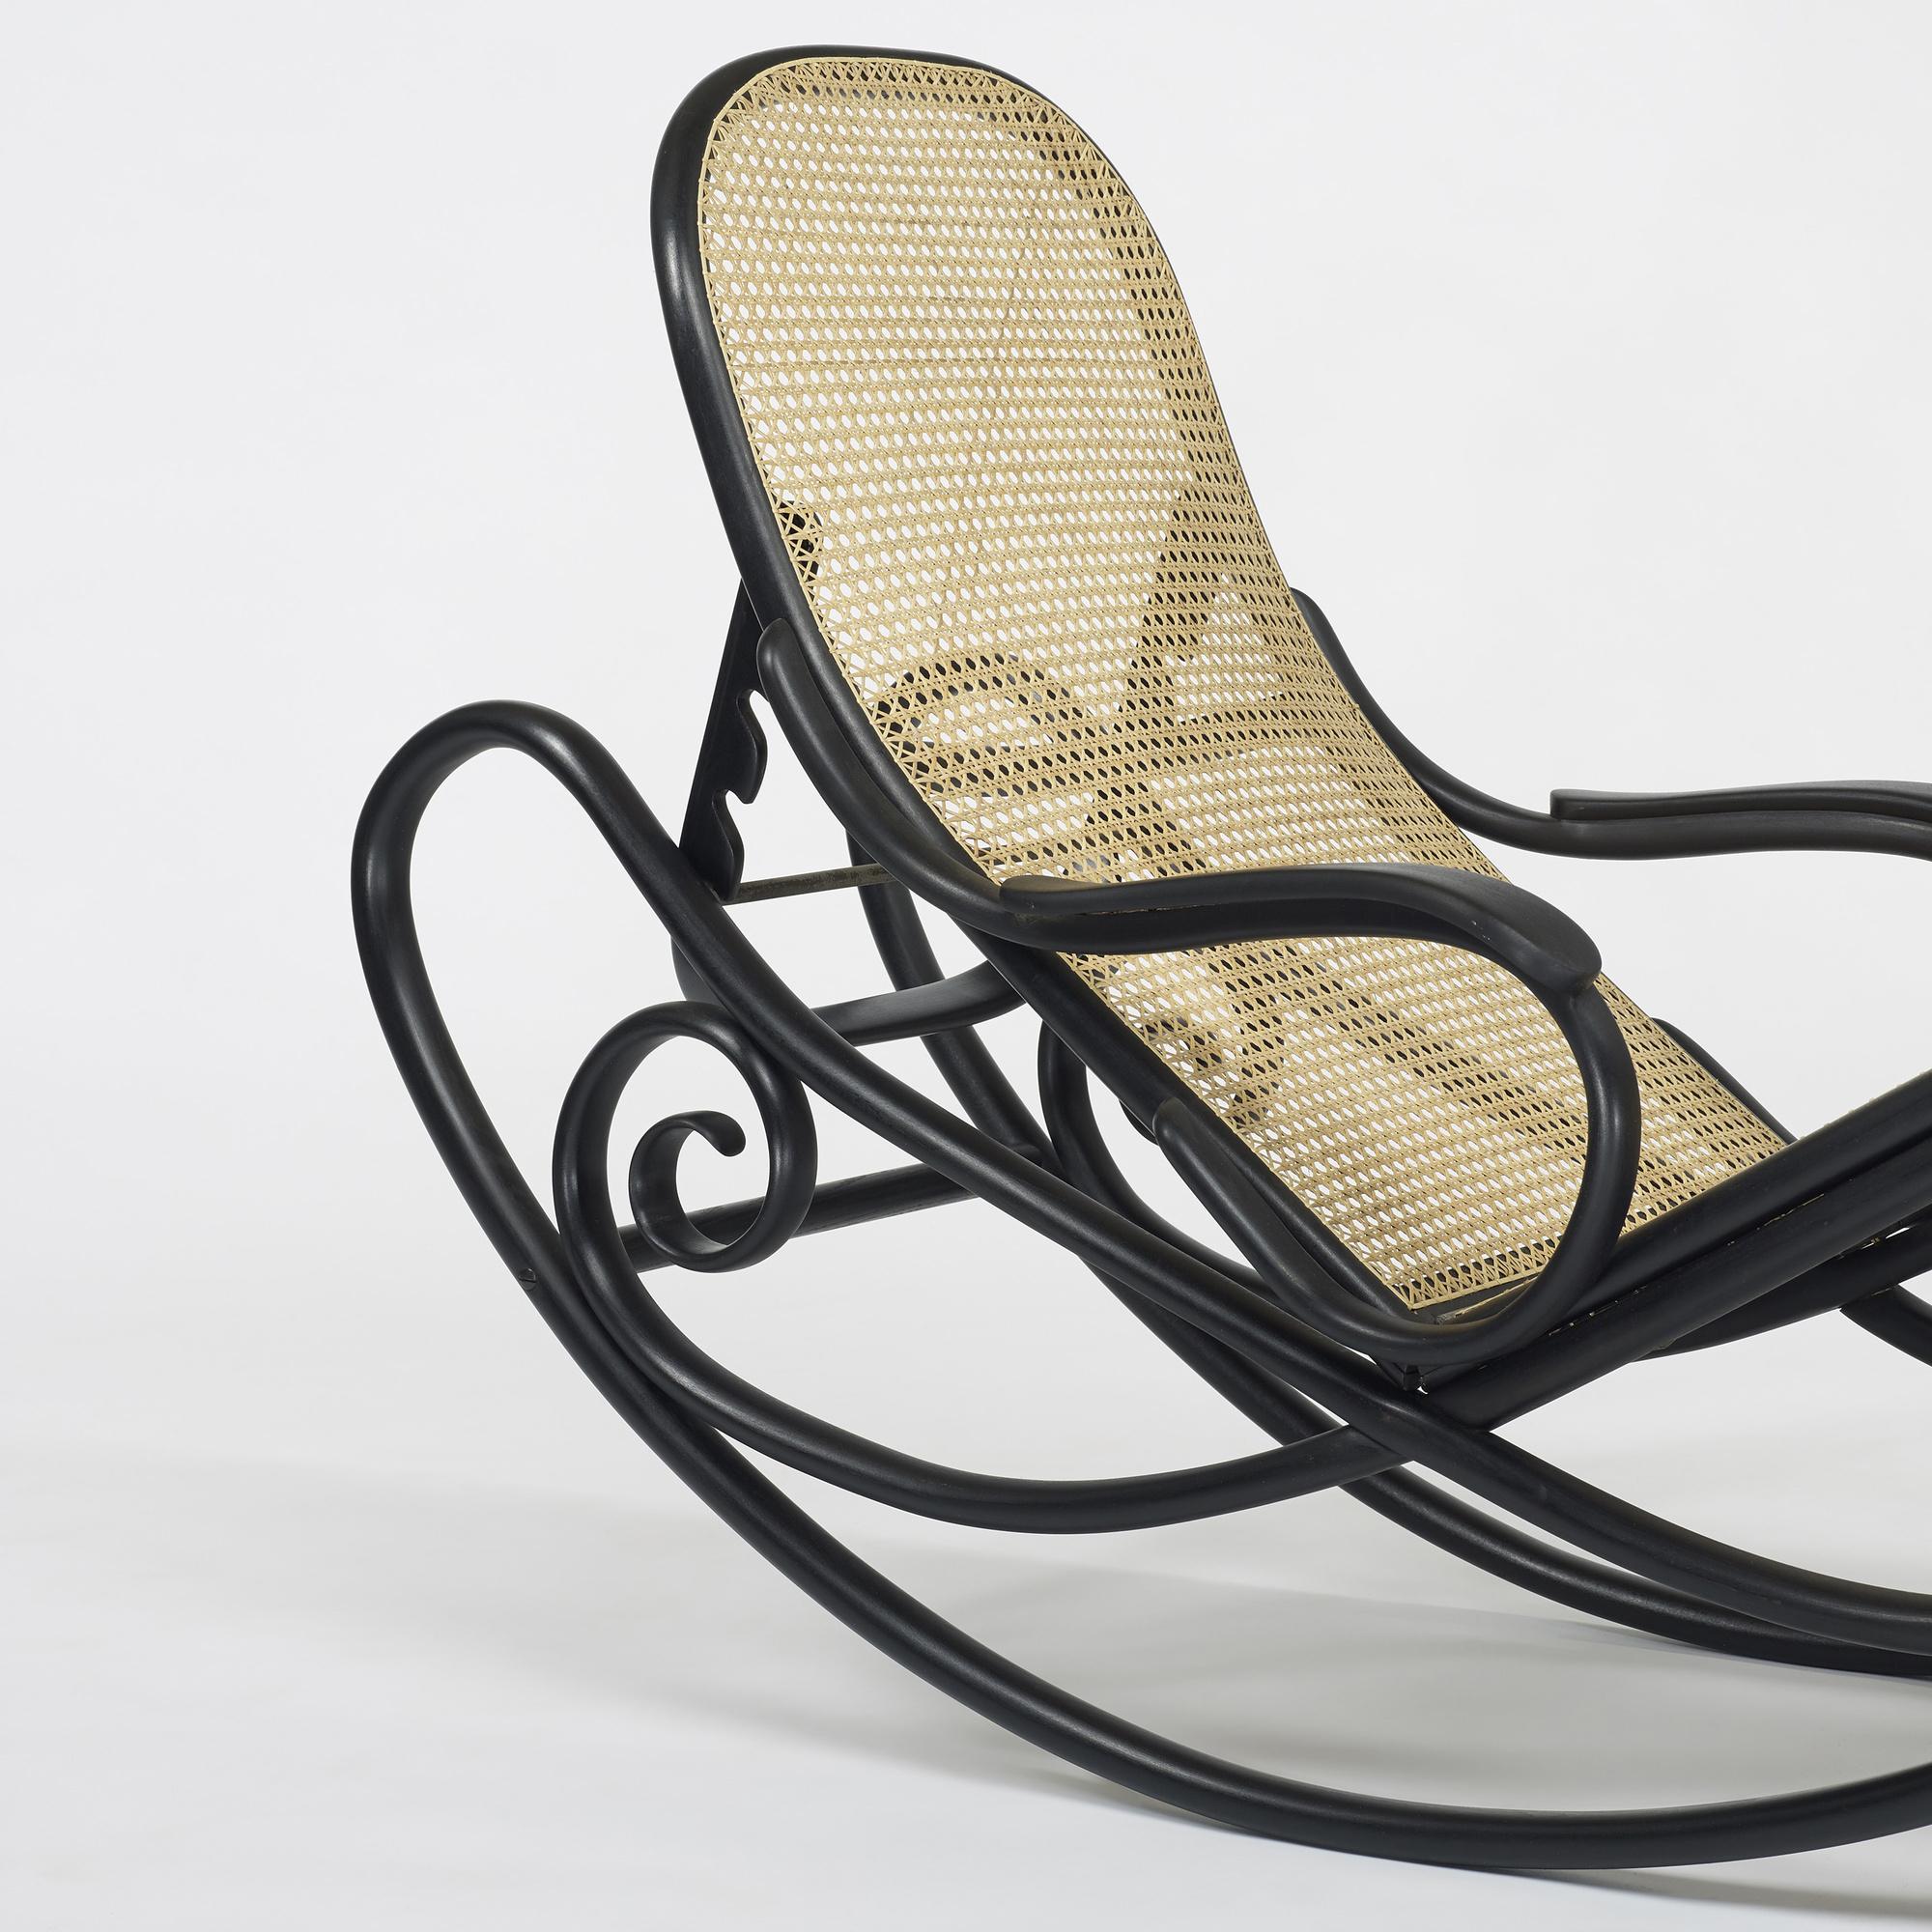 Chaise Thonet 136: gebrÜder thonet, chaise, model 7500 < art + design, 25 february